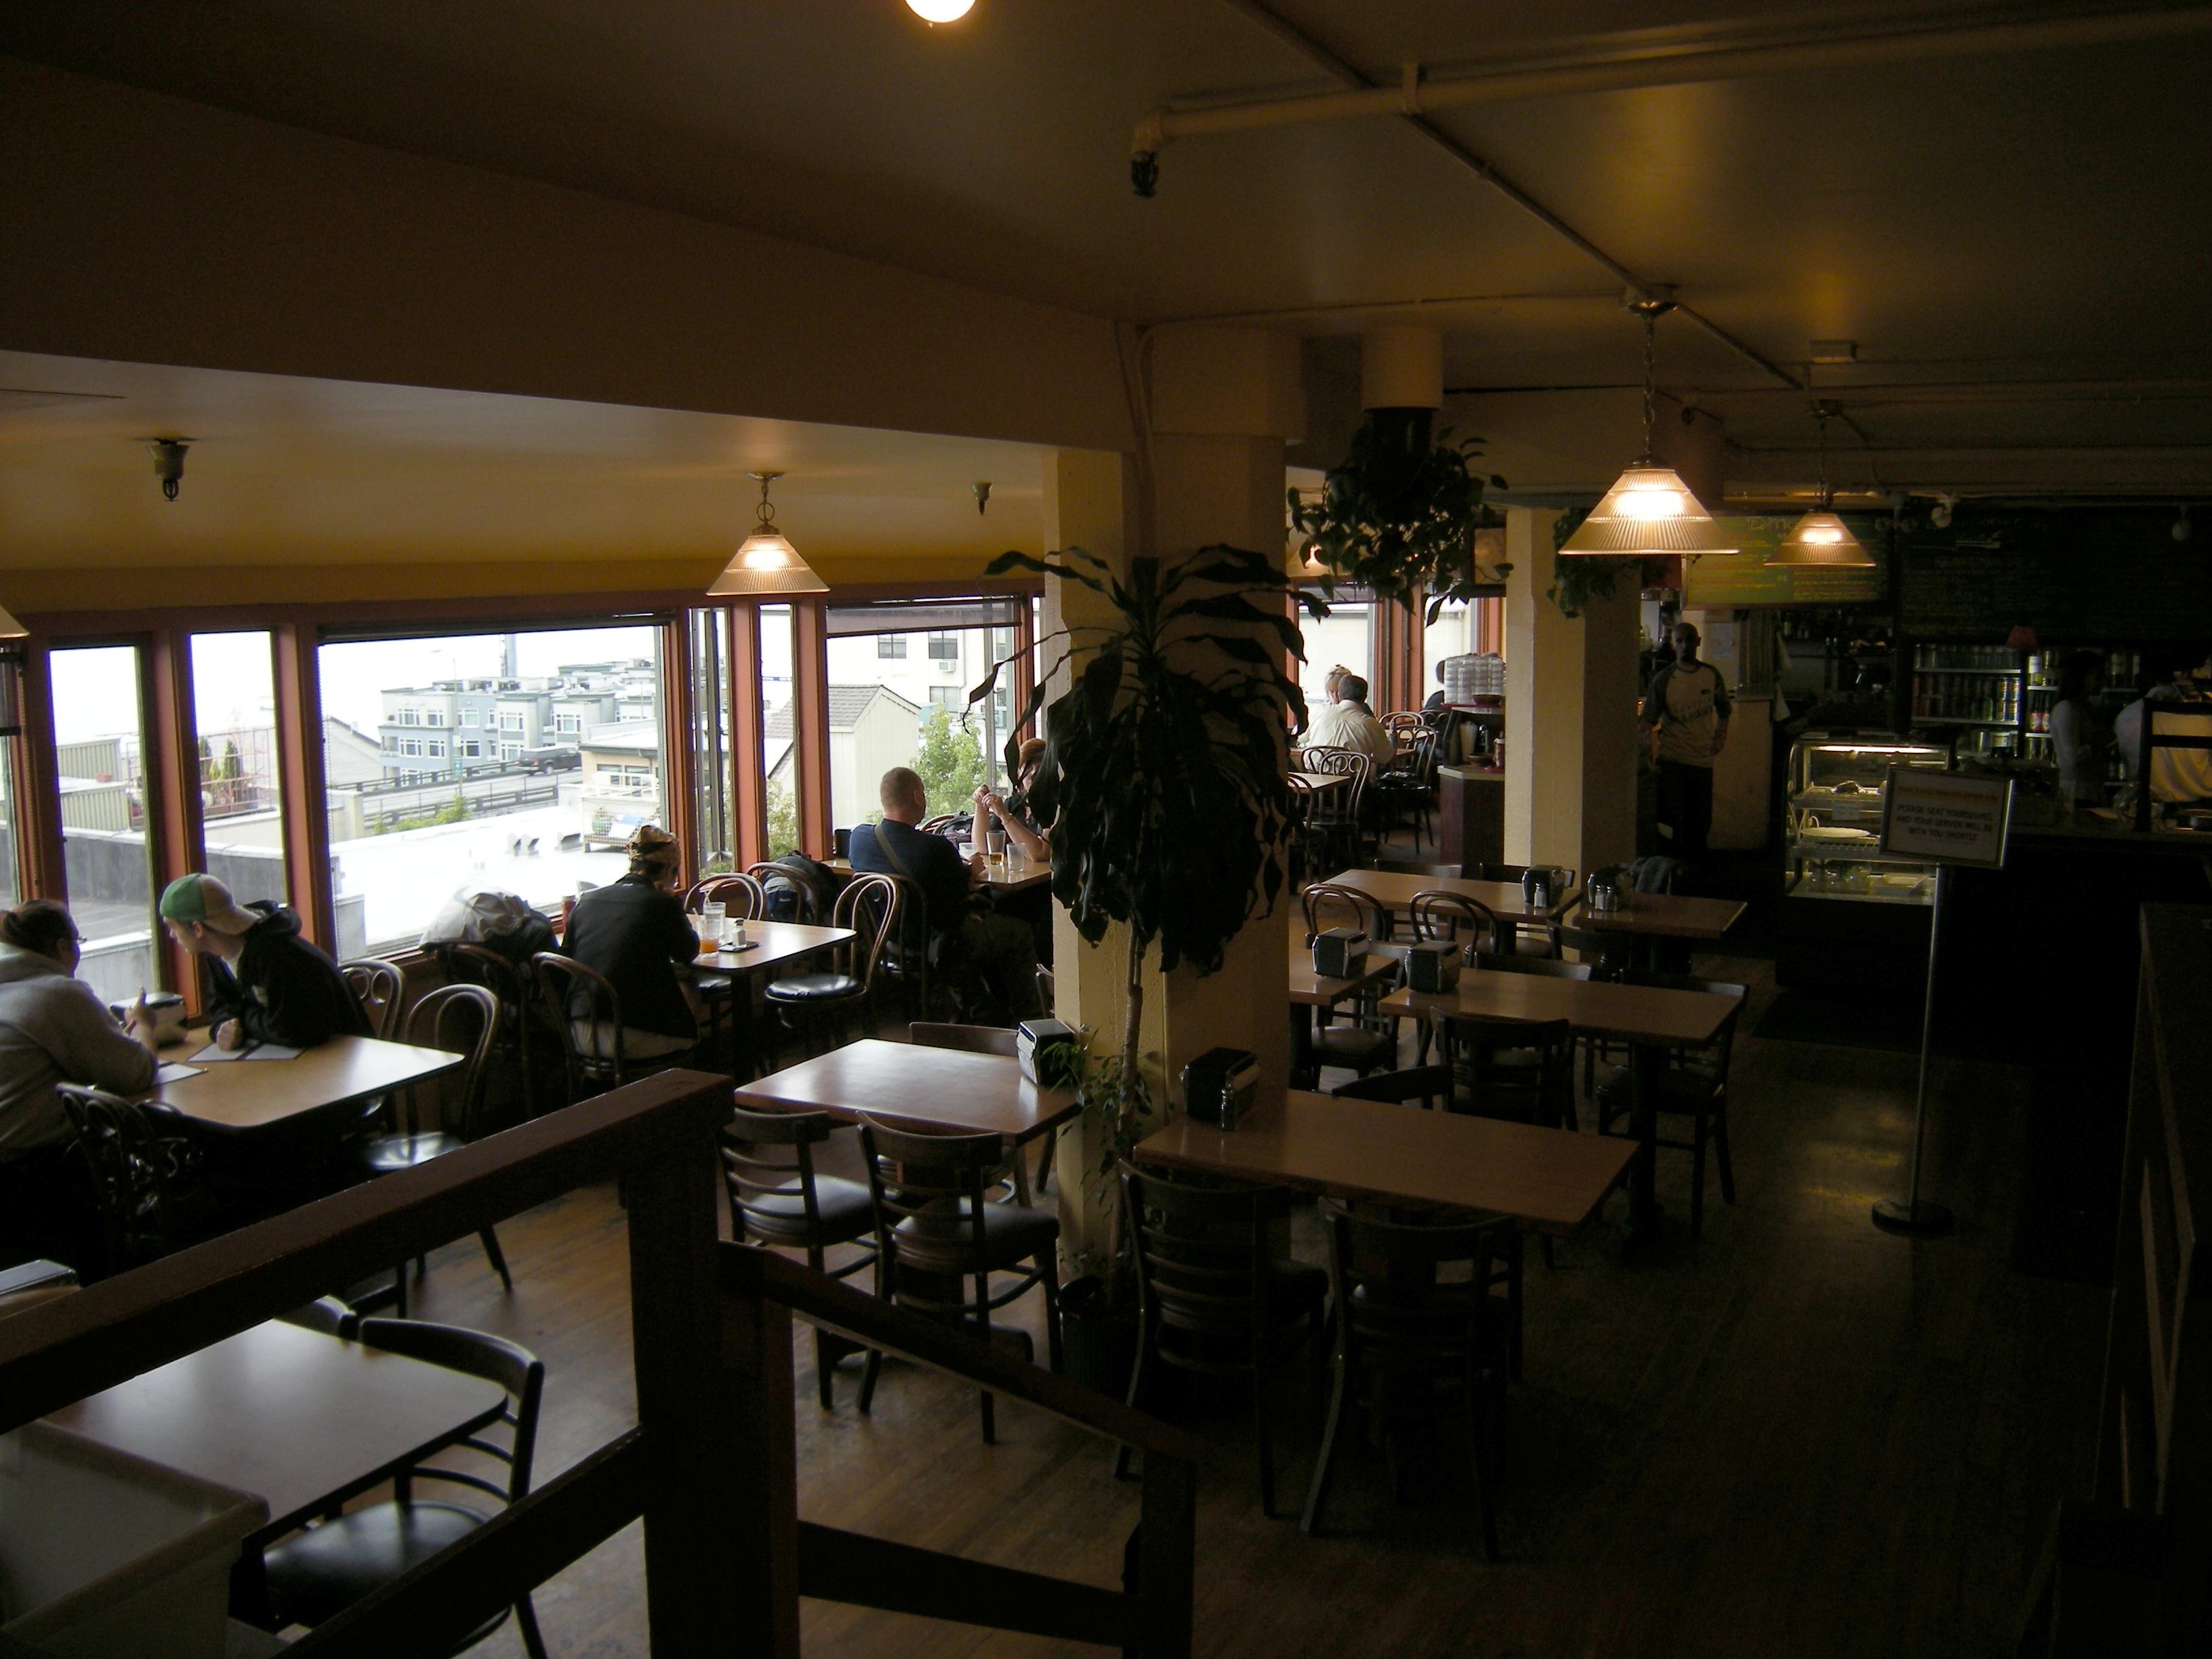 Sound View Cafe Dress Code